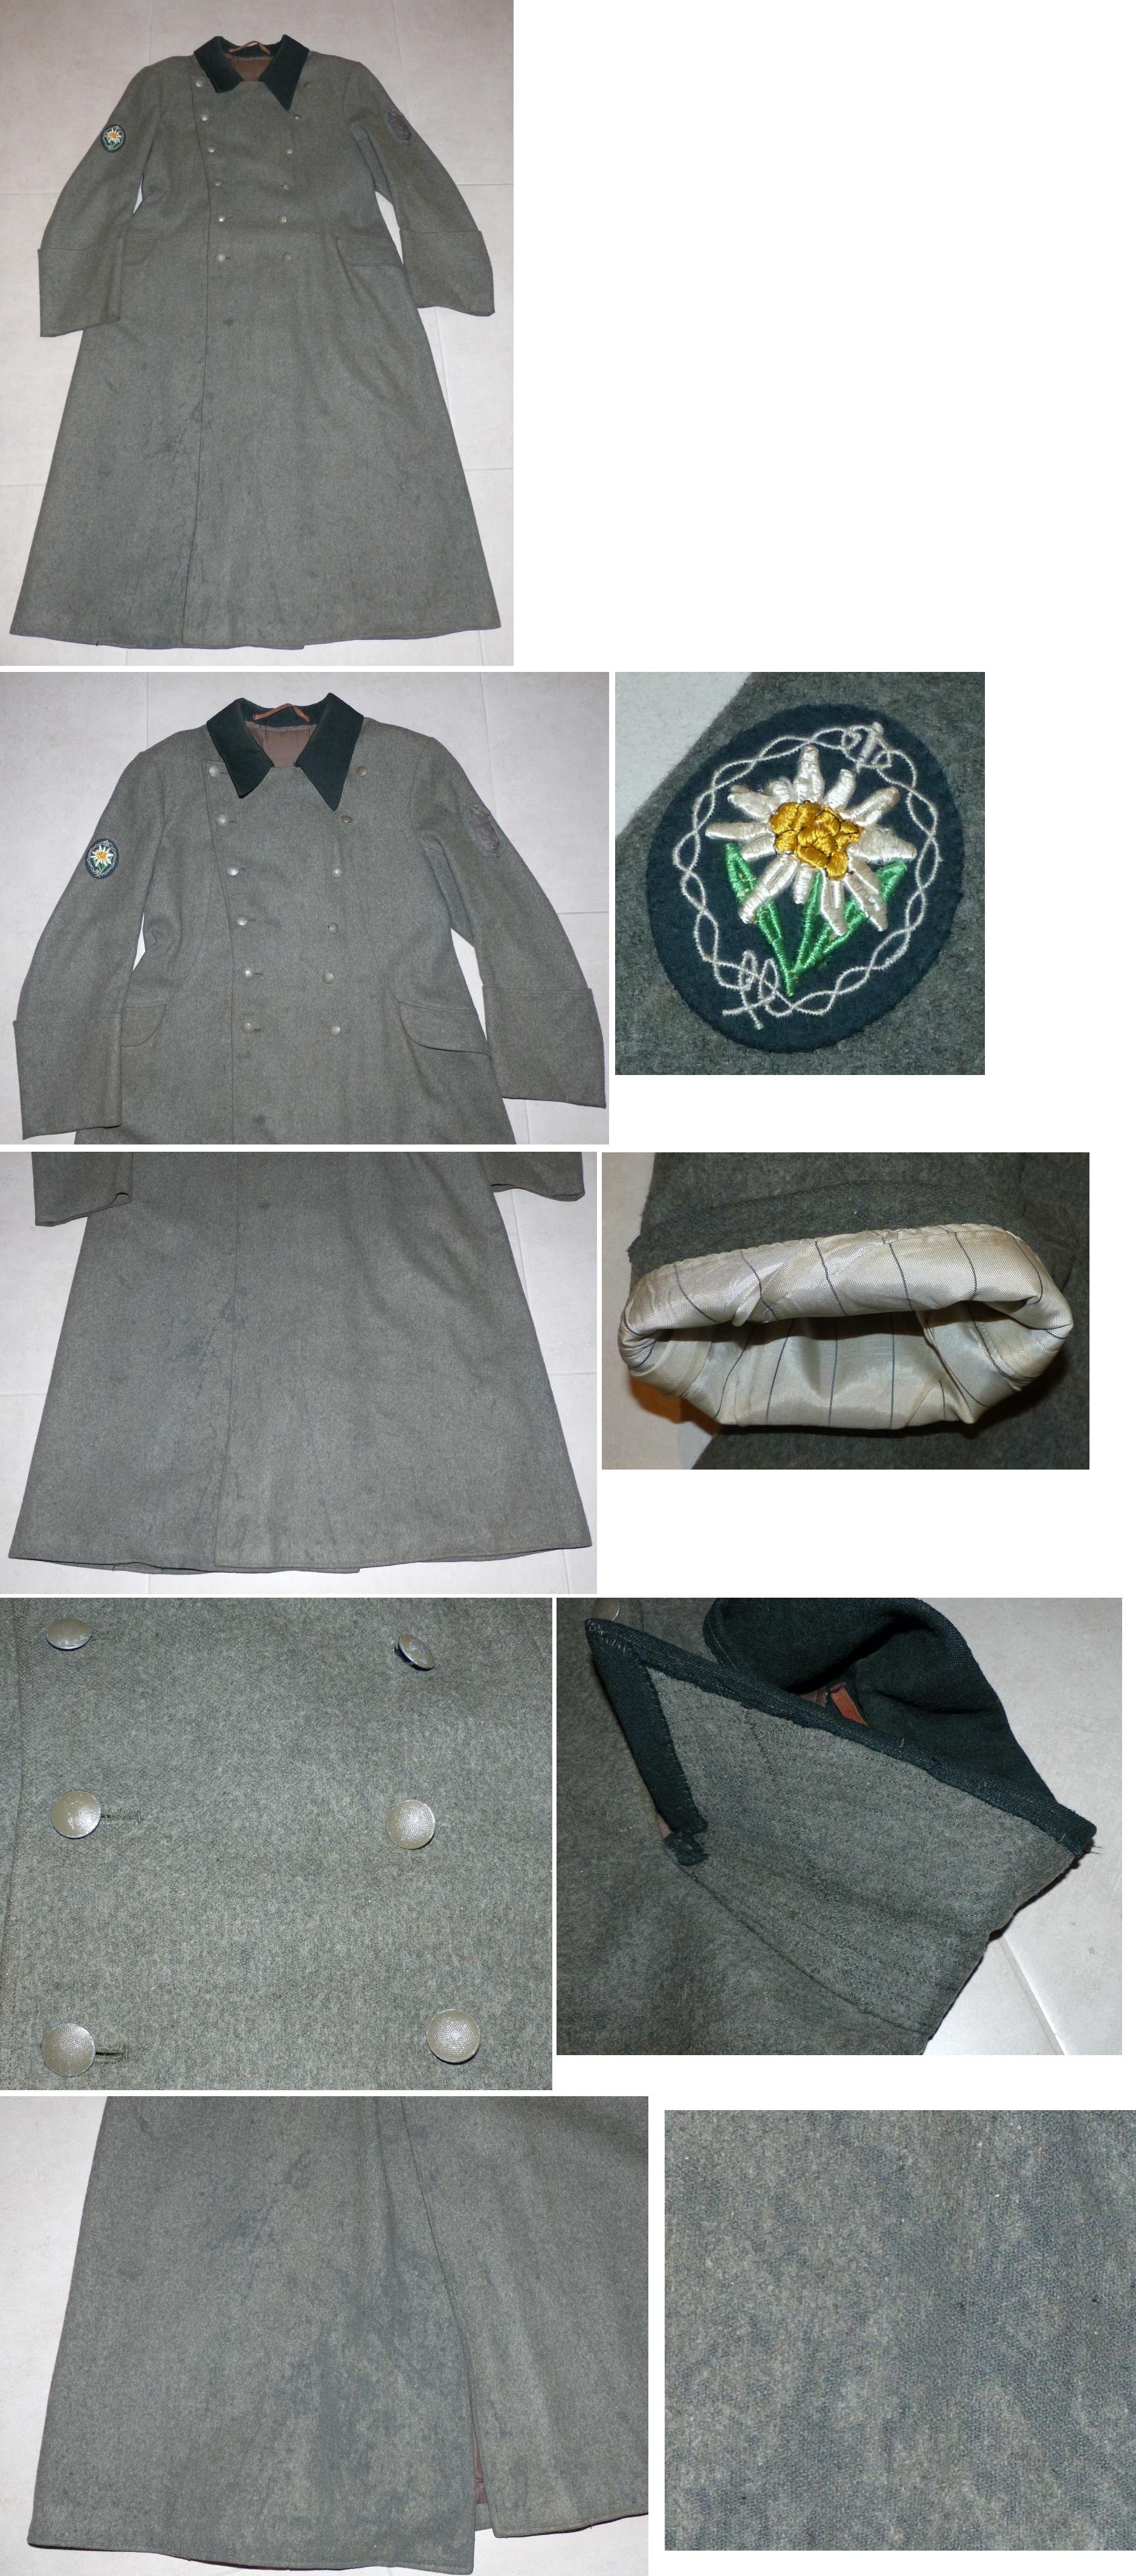 Manteau en laine M36 Gebirgsjäger Ge1